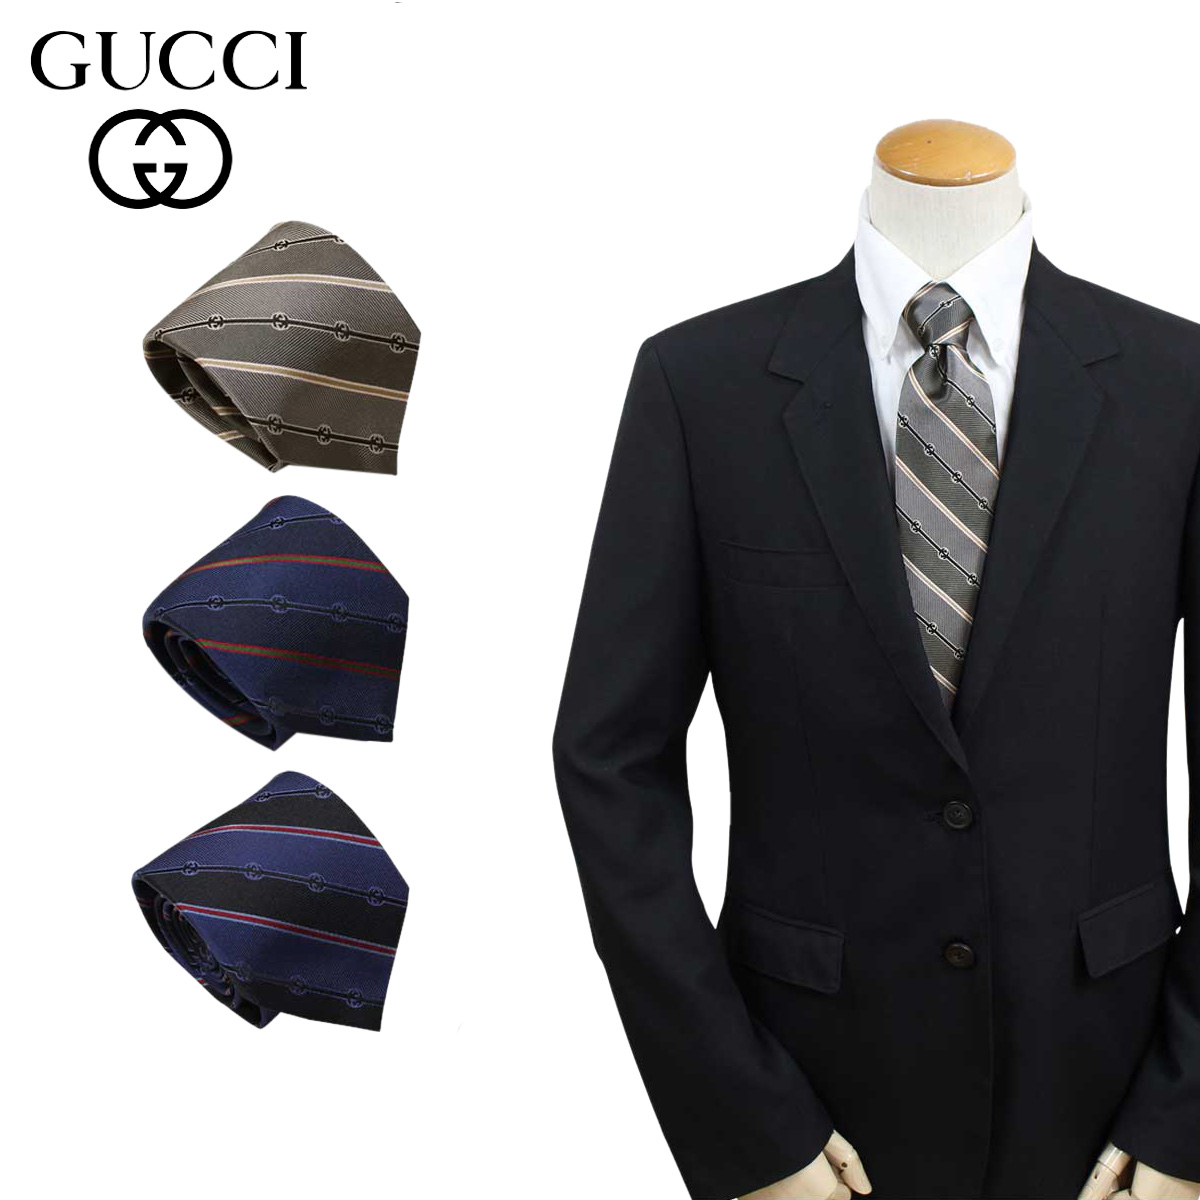 GUCCI TIE グッチ ネクタイ イタリア製 シルク ビジネス 結婚式 メンズ [184]